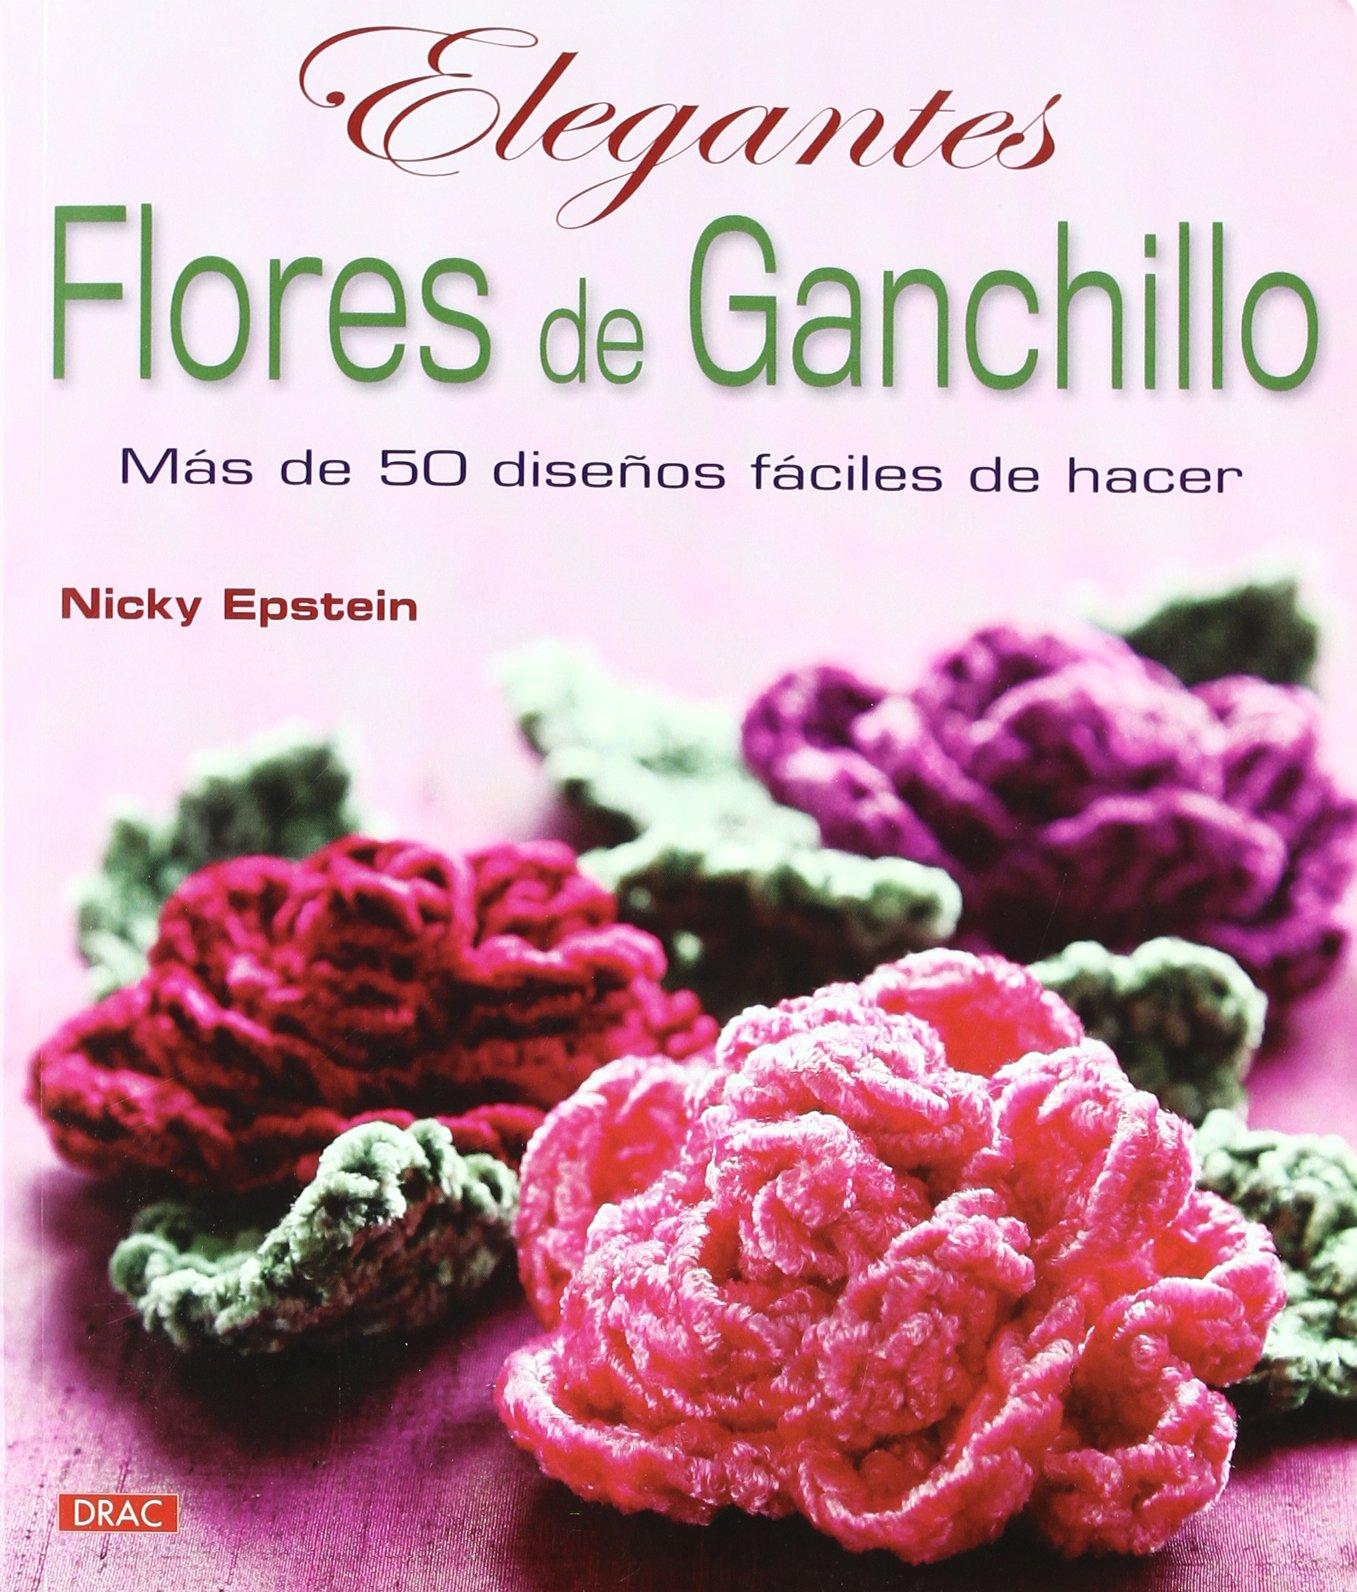 Elegantes Flores De Ganchillo Mas De 50 Disenos Faciles De Hacer